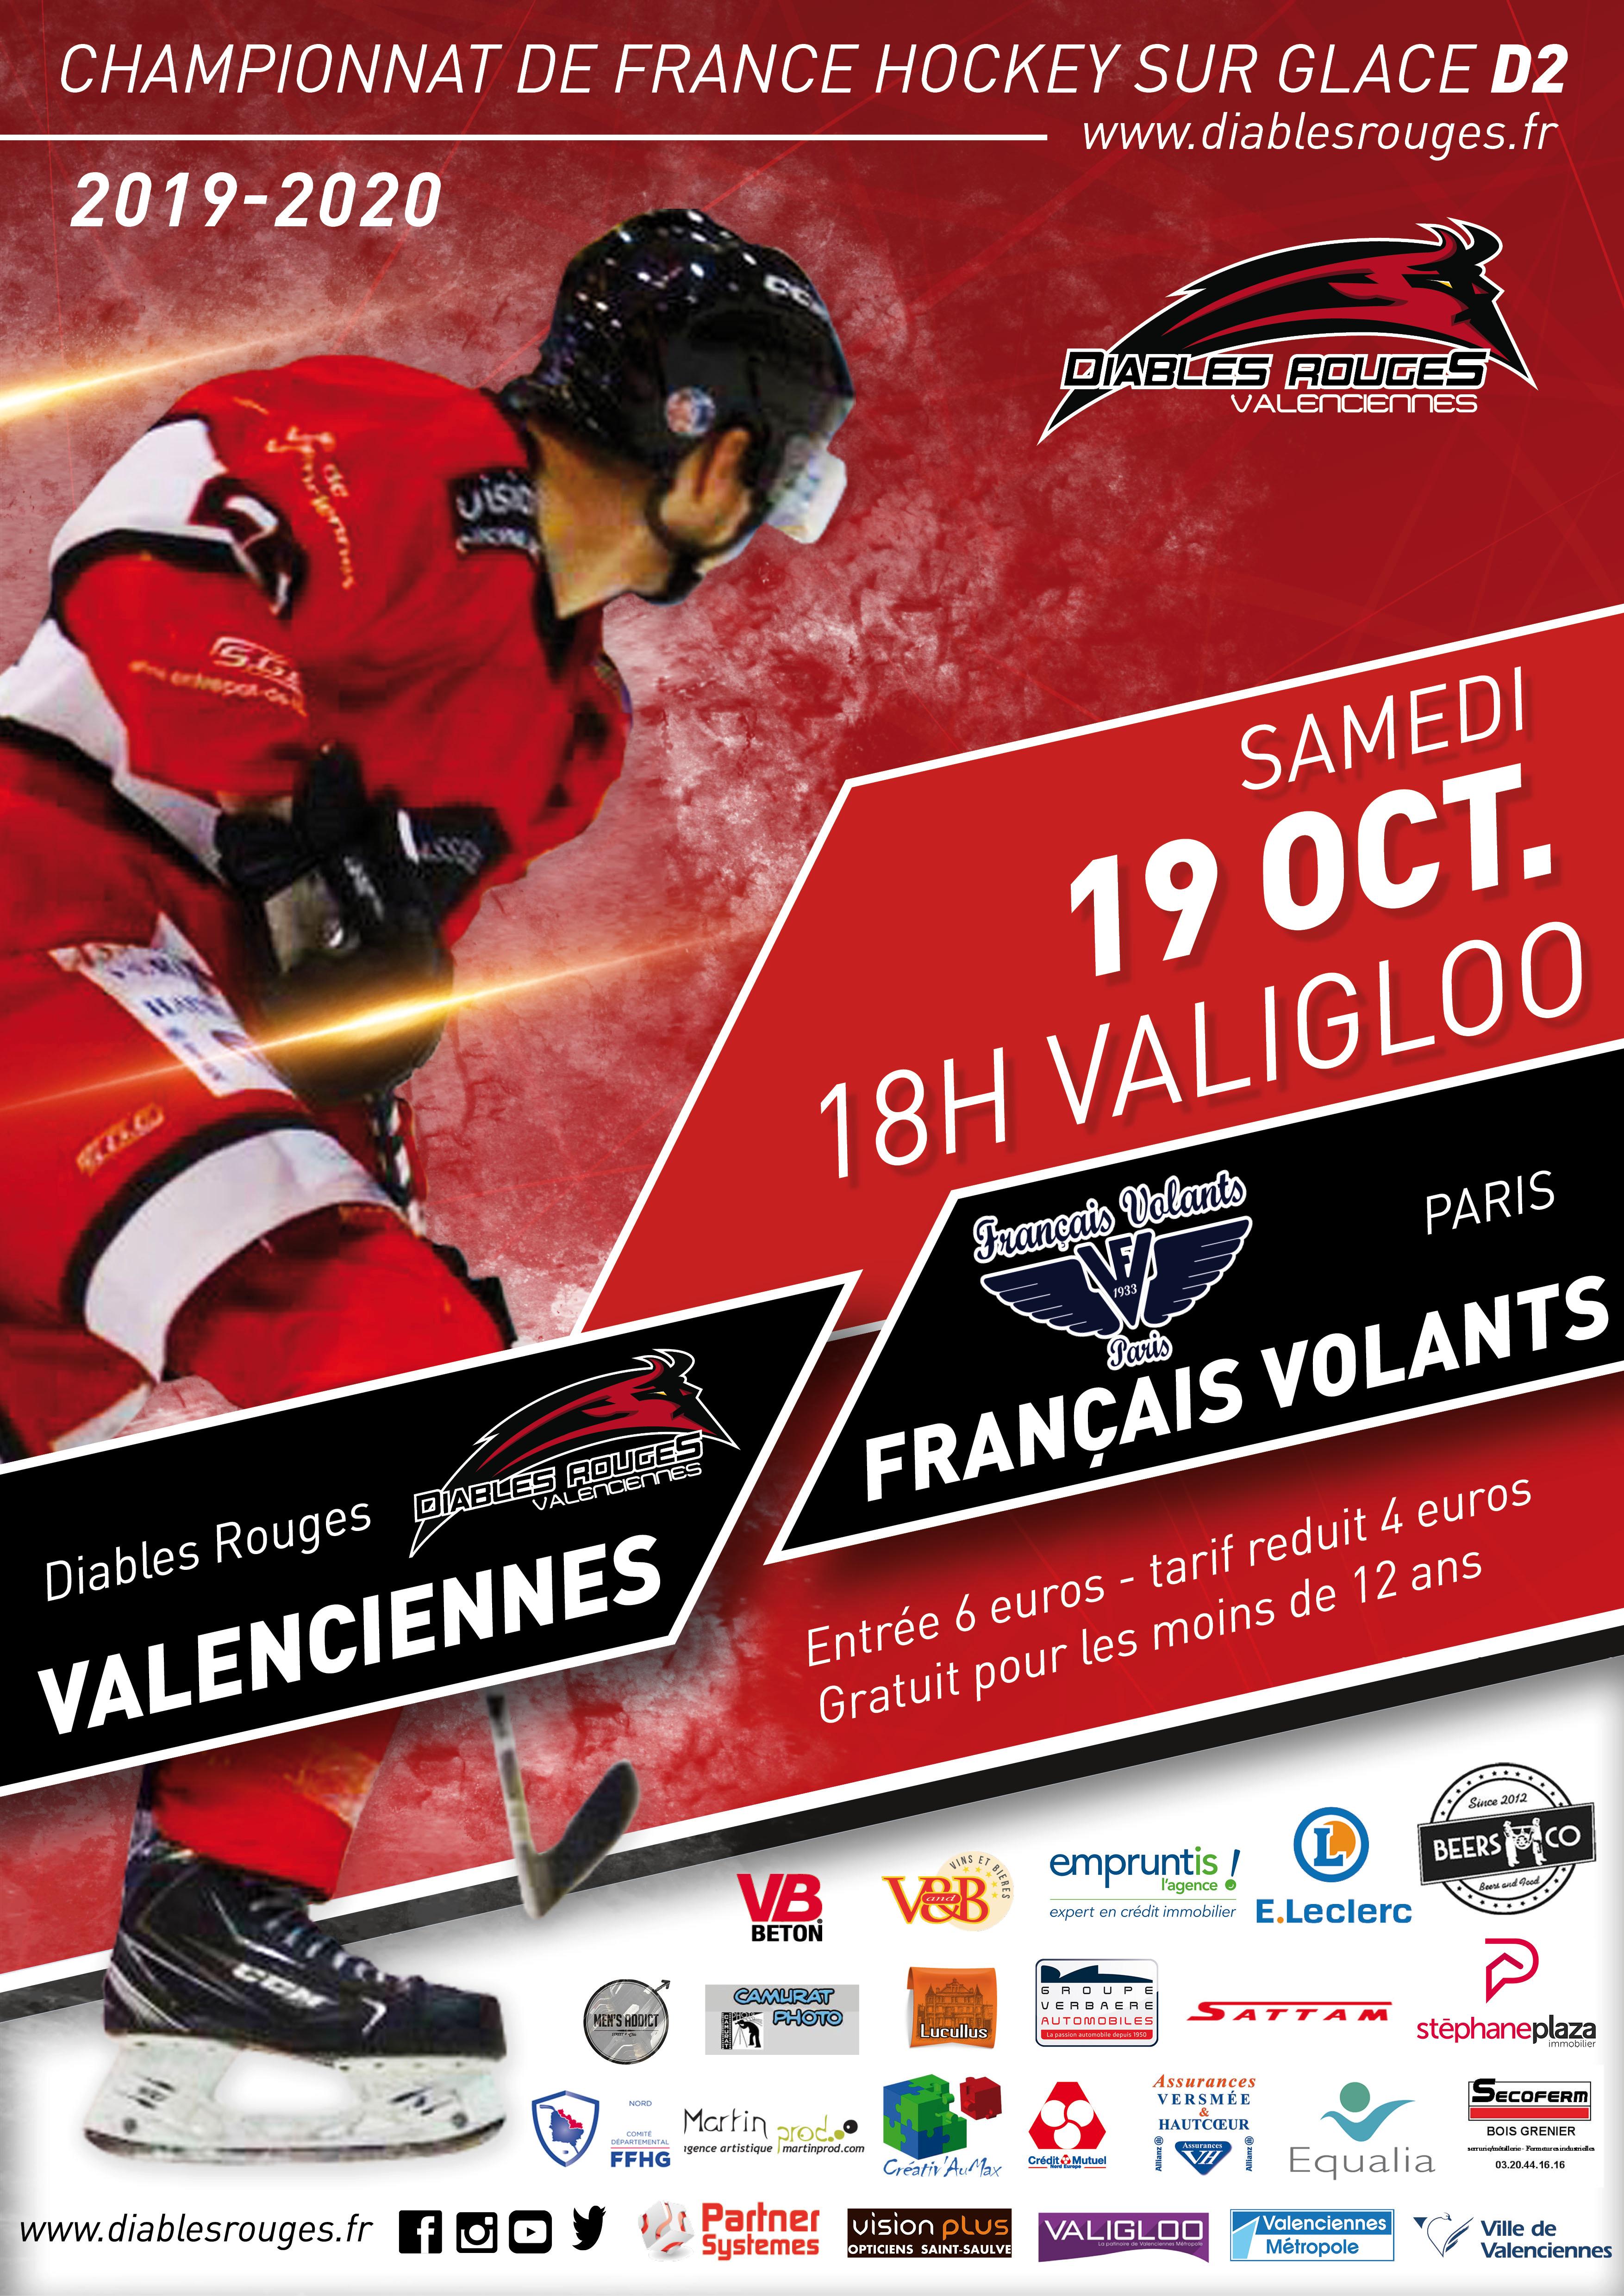 Valenciennes reçoit les Français Volants ce samedi 19 octobre 2019